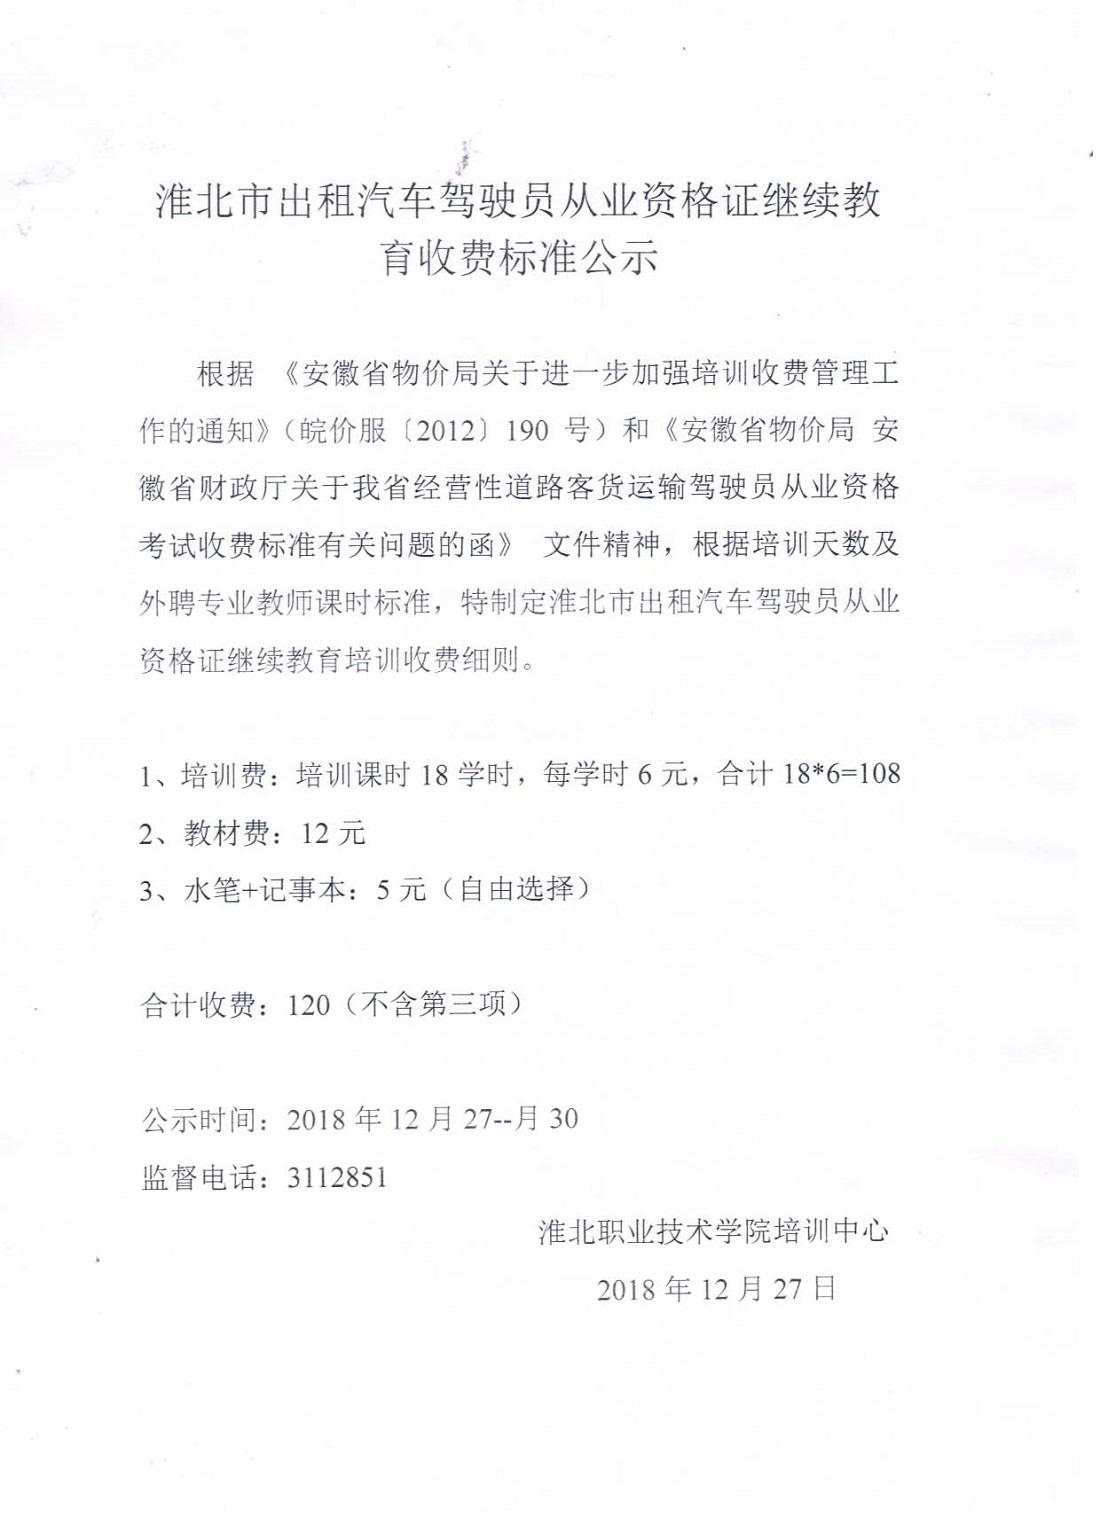 2018年淮北市出租汽车驾驶员从业资格证继续教育收费公示.jpg